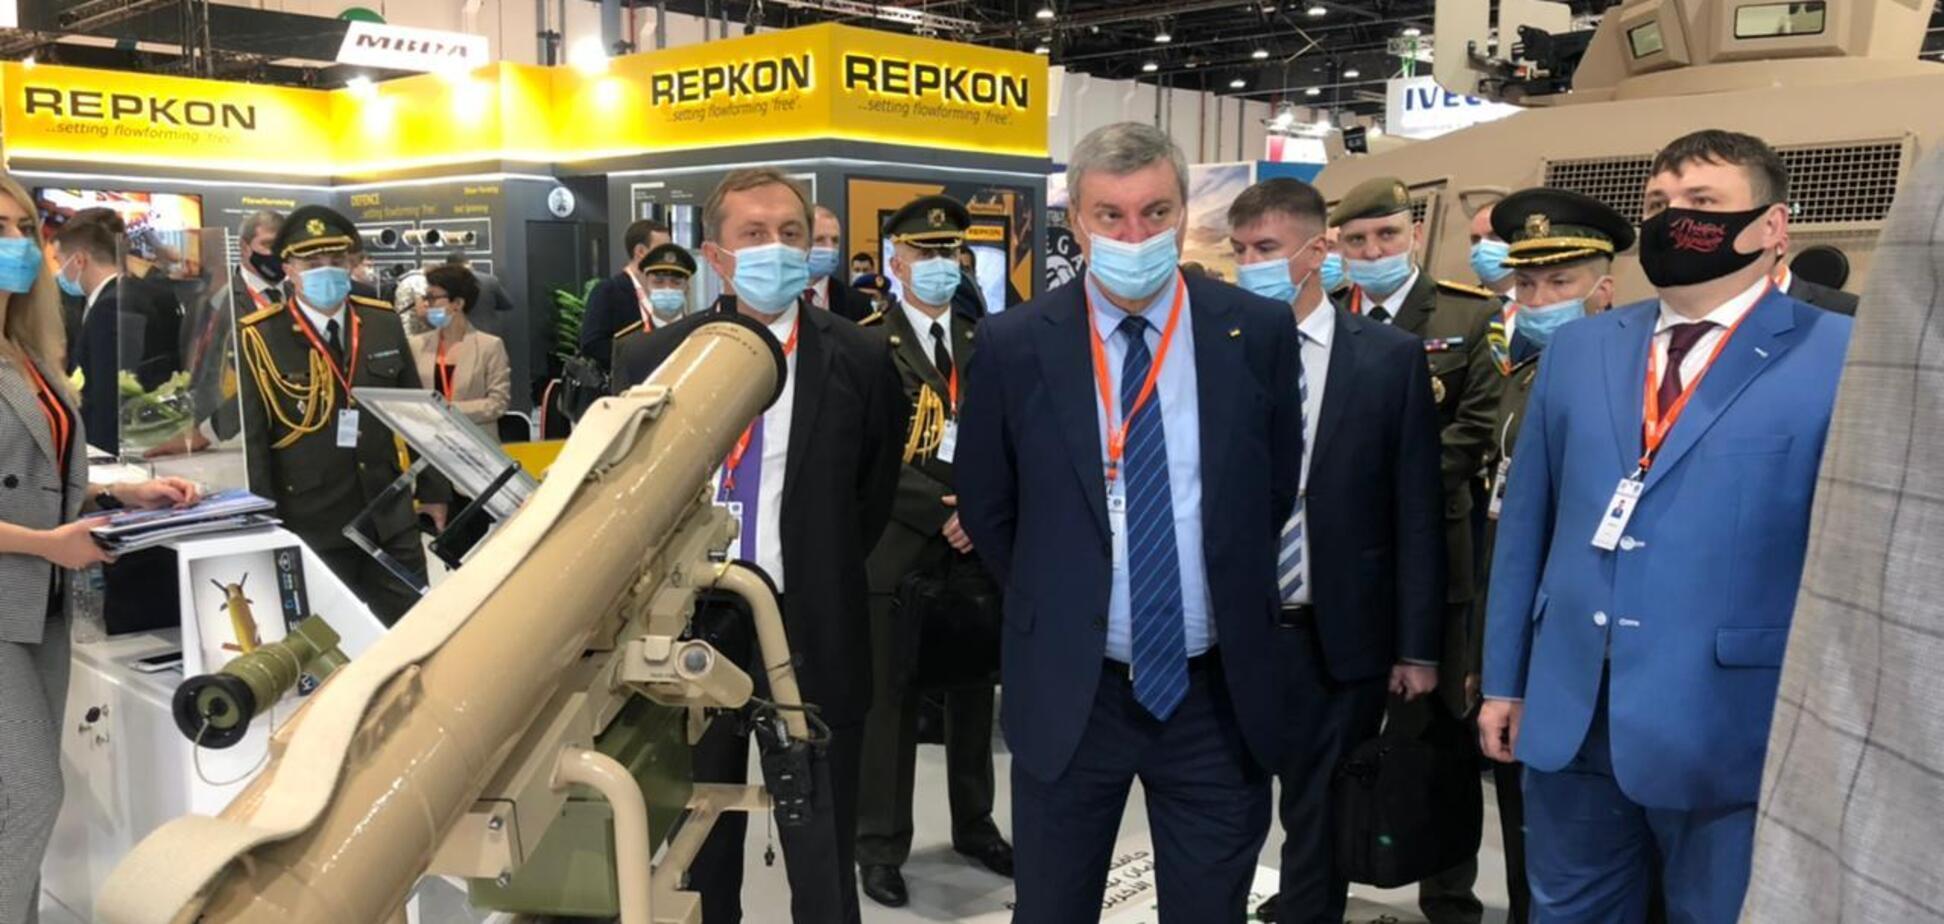 'Укроборонпром' презентує сучасне озброєння на виставці в ОАЕ